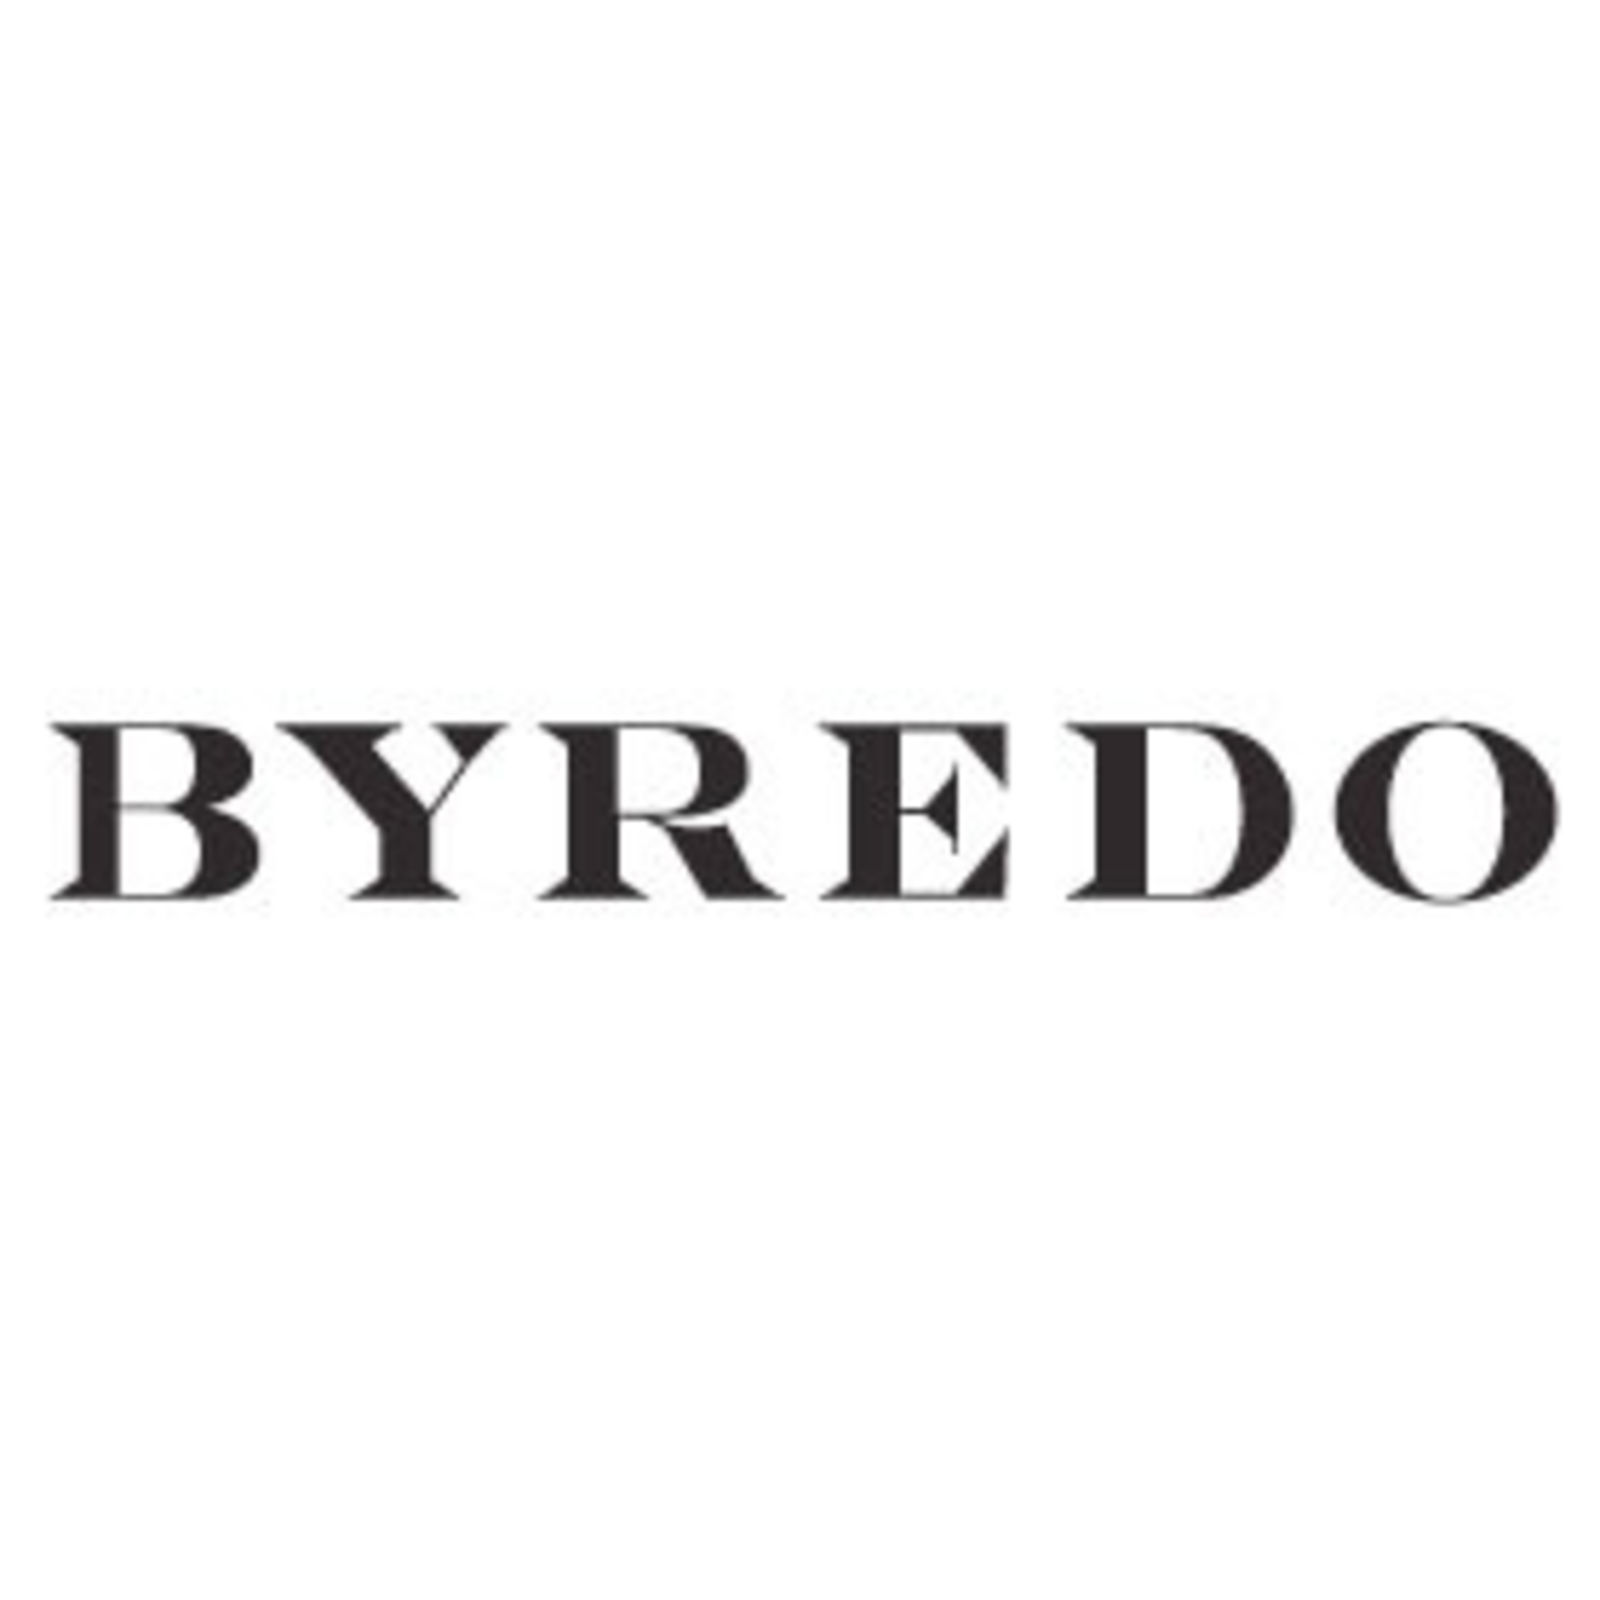 BYREDO (Изображение 1)